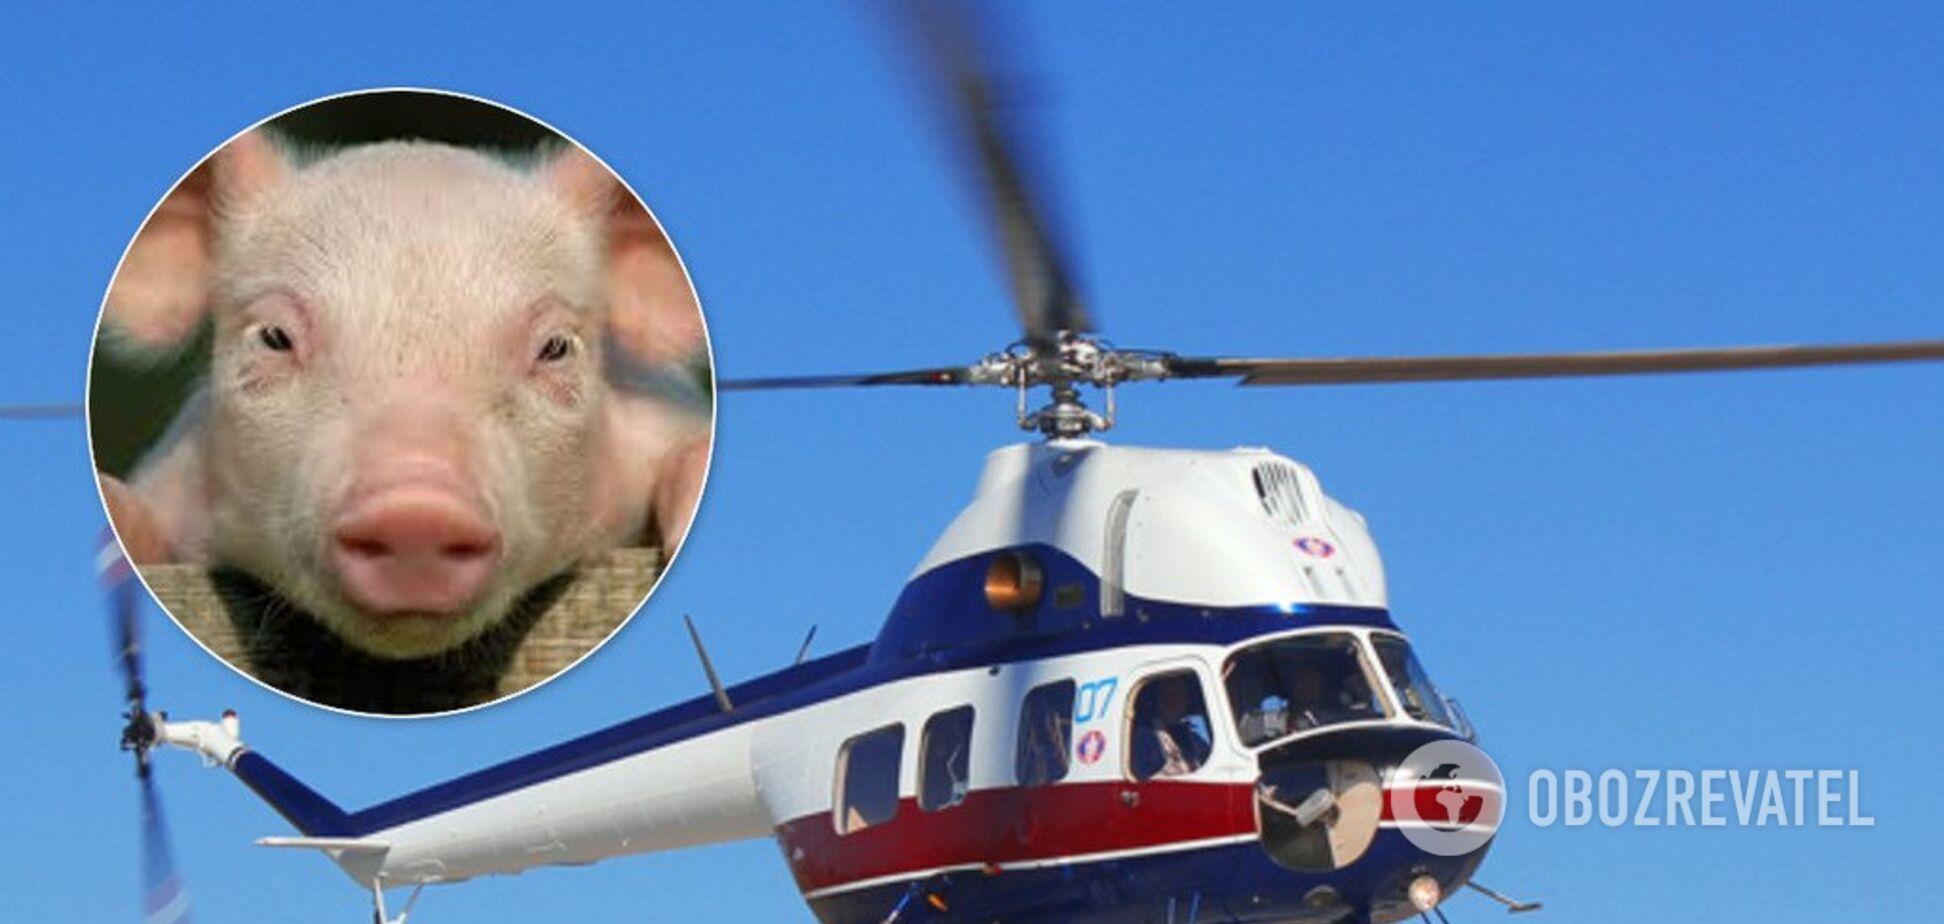 В бассейн миллионера с вертолета сбросили свинью. Видео